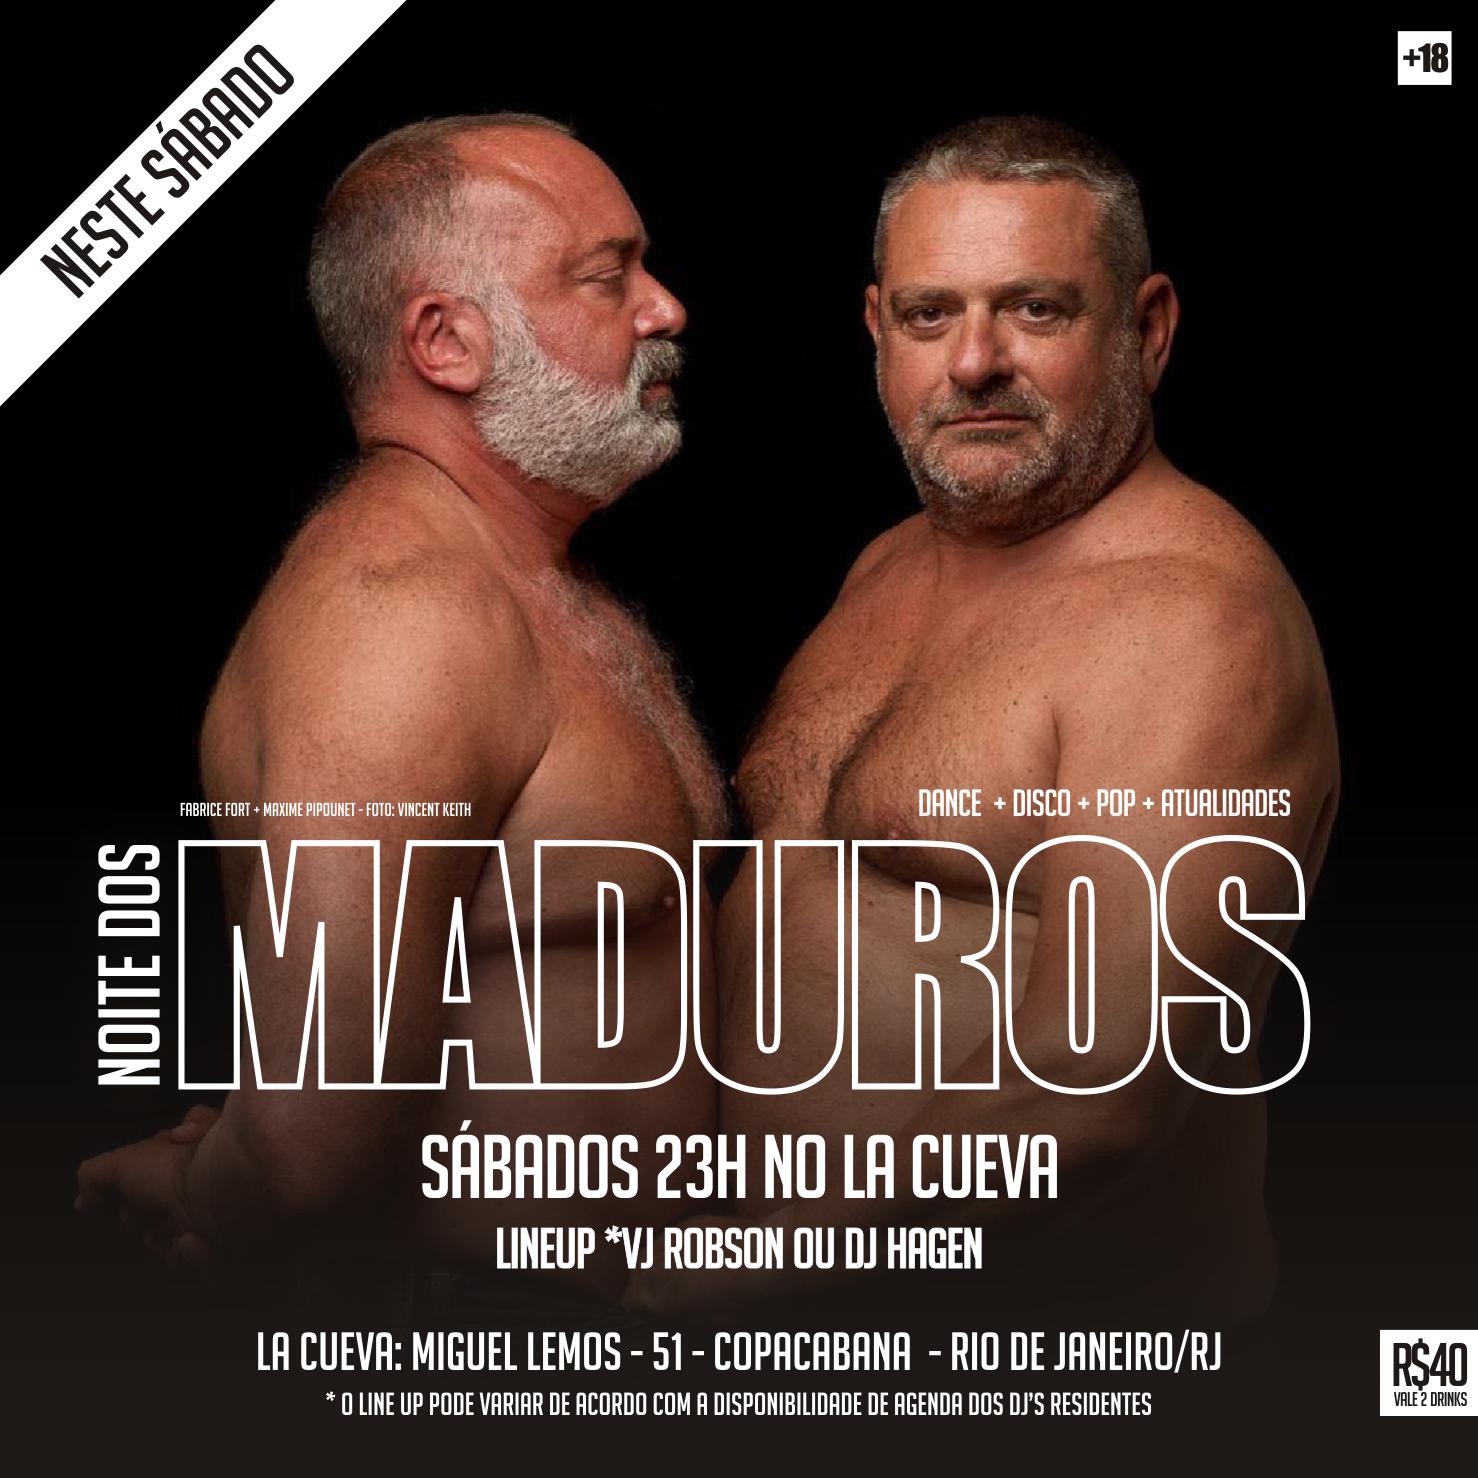 SÁBADOS - 23H - NOITE DOS MADUROS